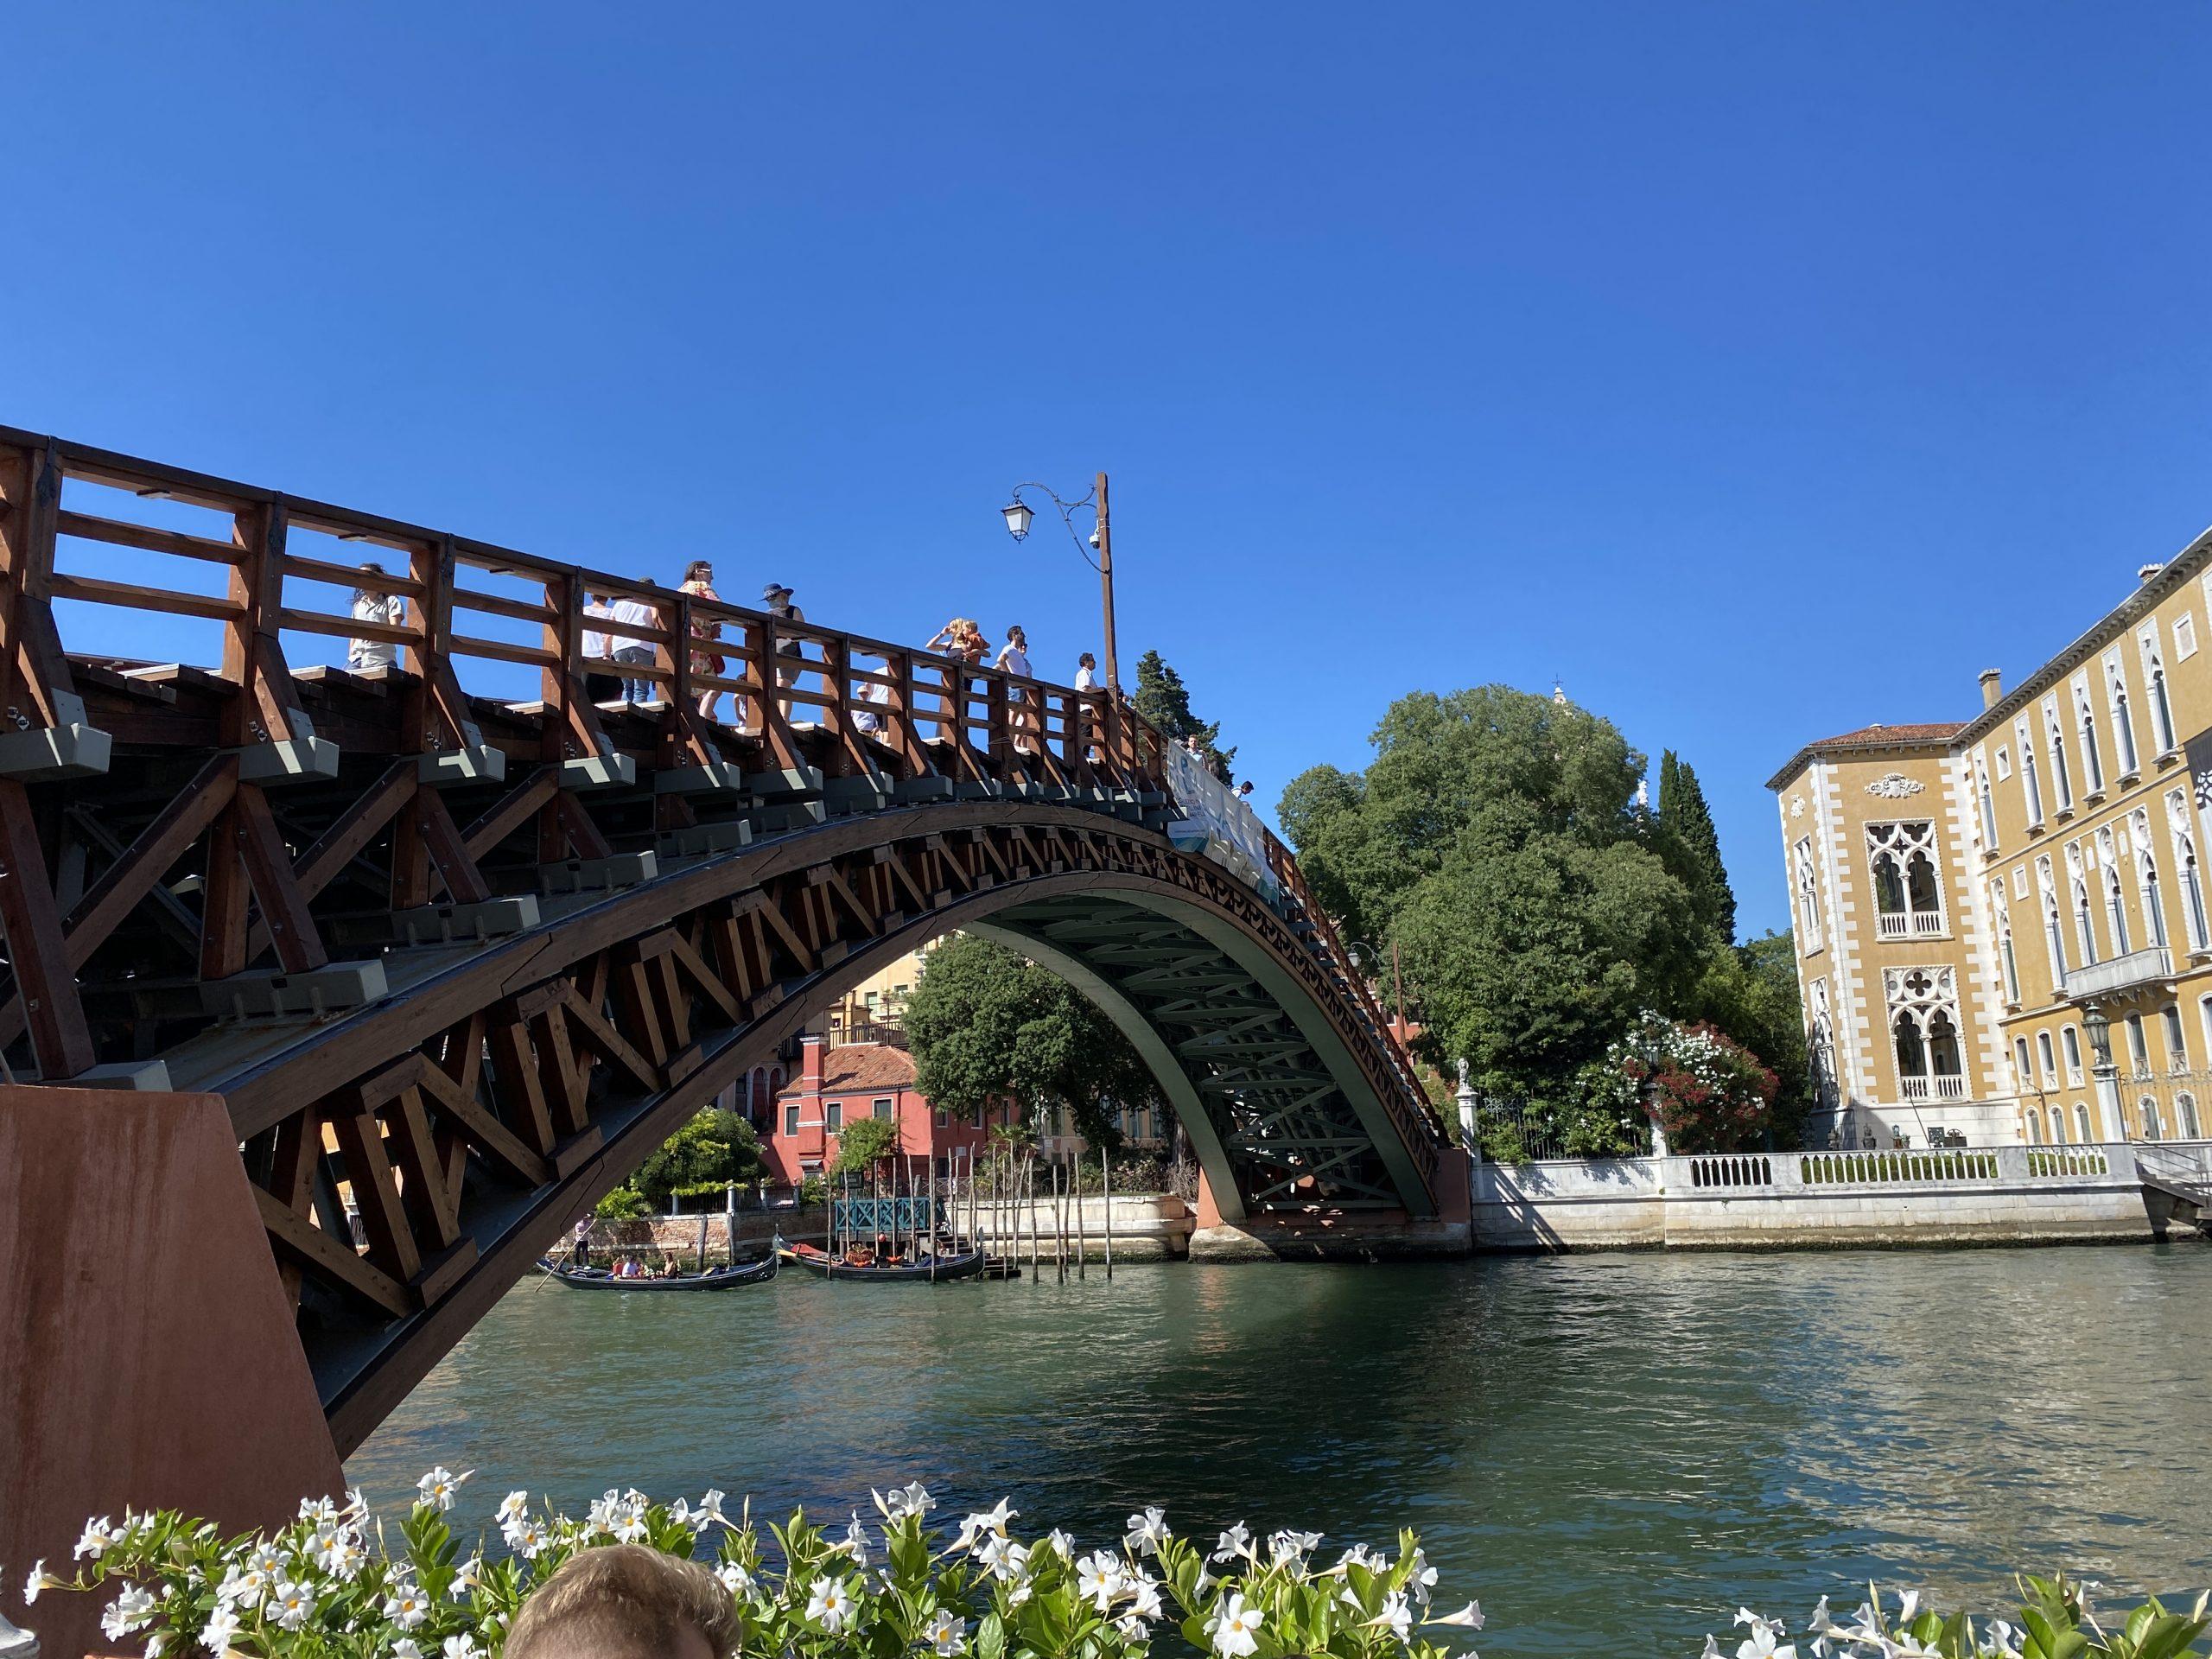 Venedig - Ponte dell' Accademia